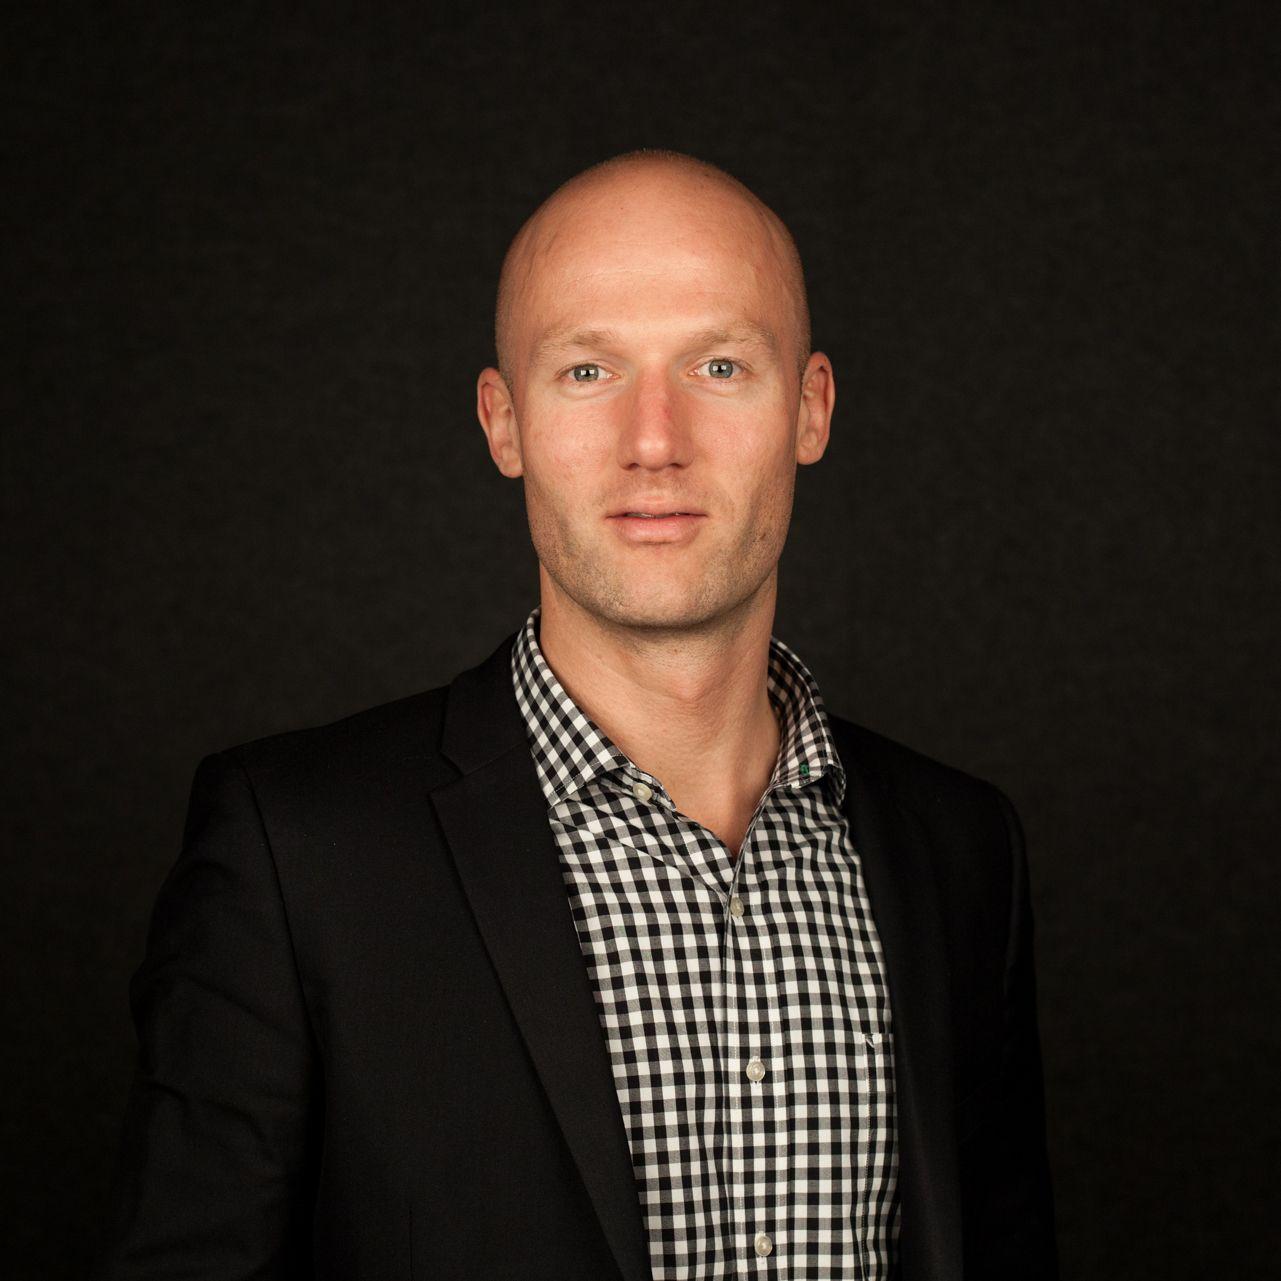 Jochen Bischoff